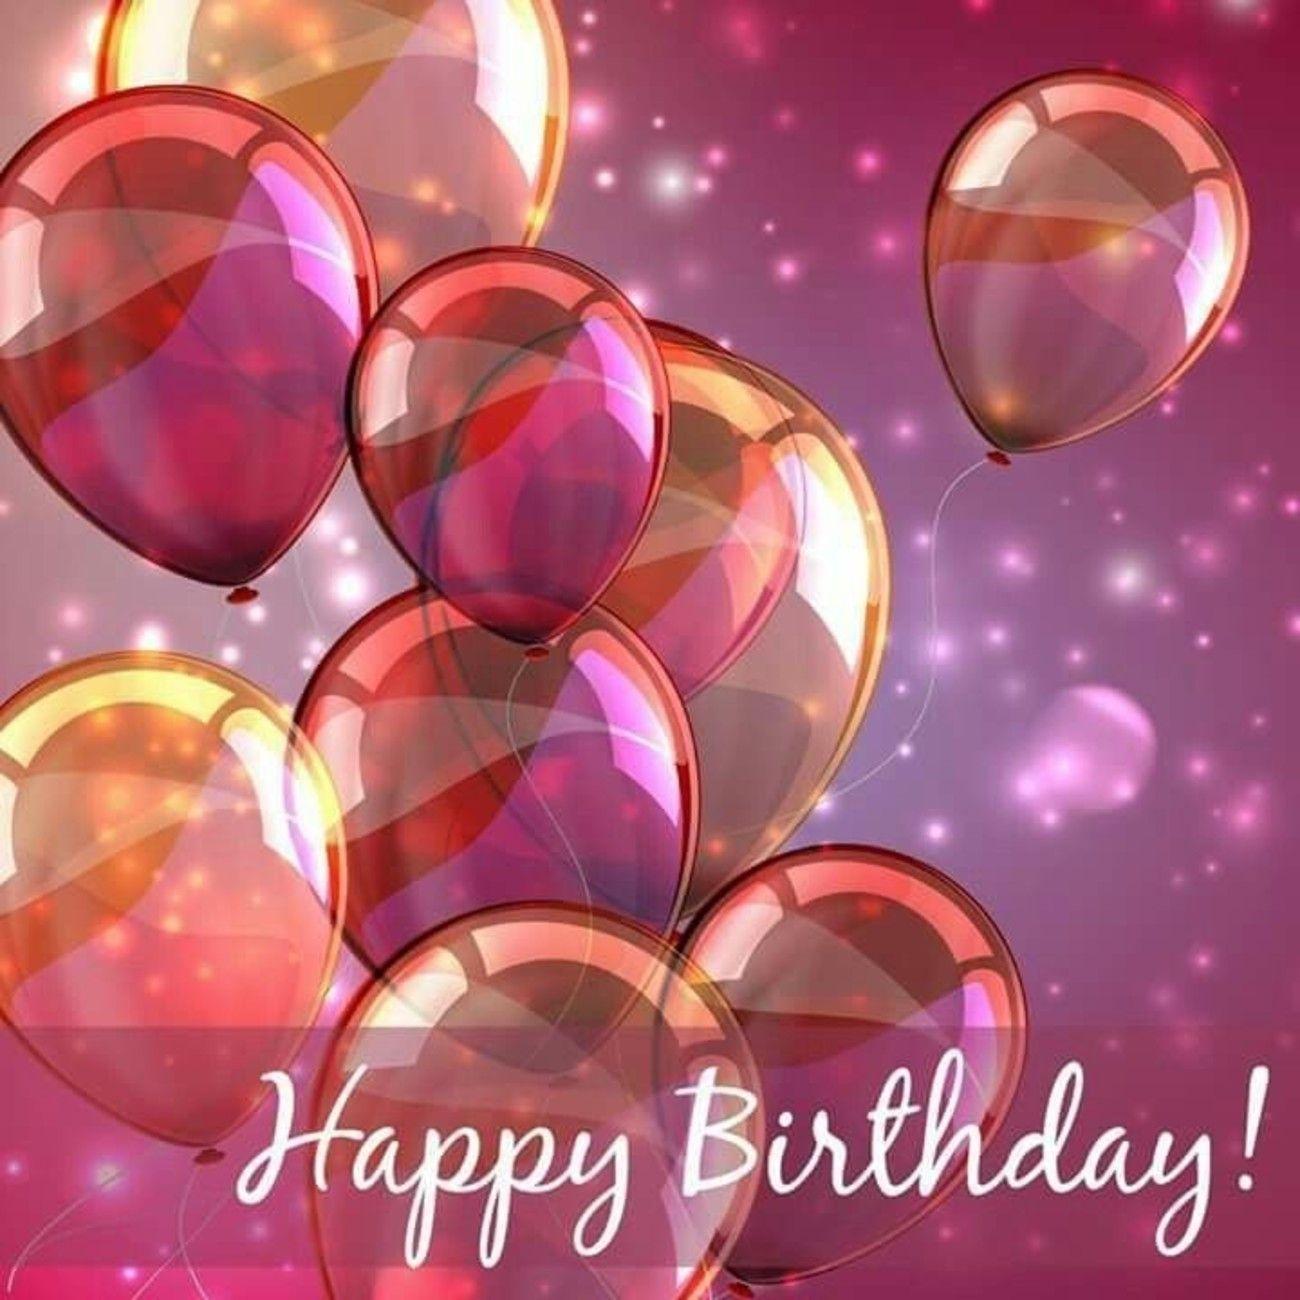 Tanti Auguri Di Buon Compleanno Le Frasi Piu Belle Francescachantal Auguri Di Buon Compleanno Buon Compleanno Immagini Di Buon Compleanno